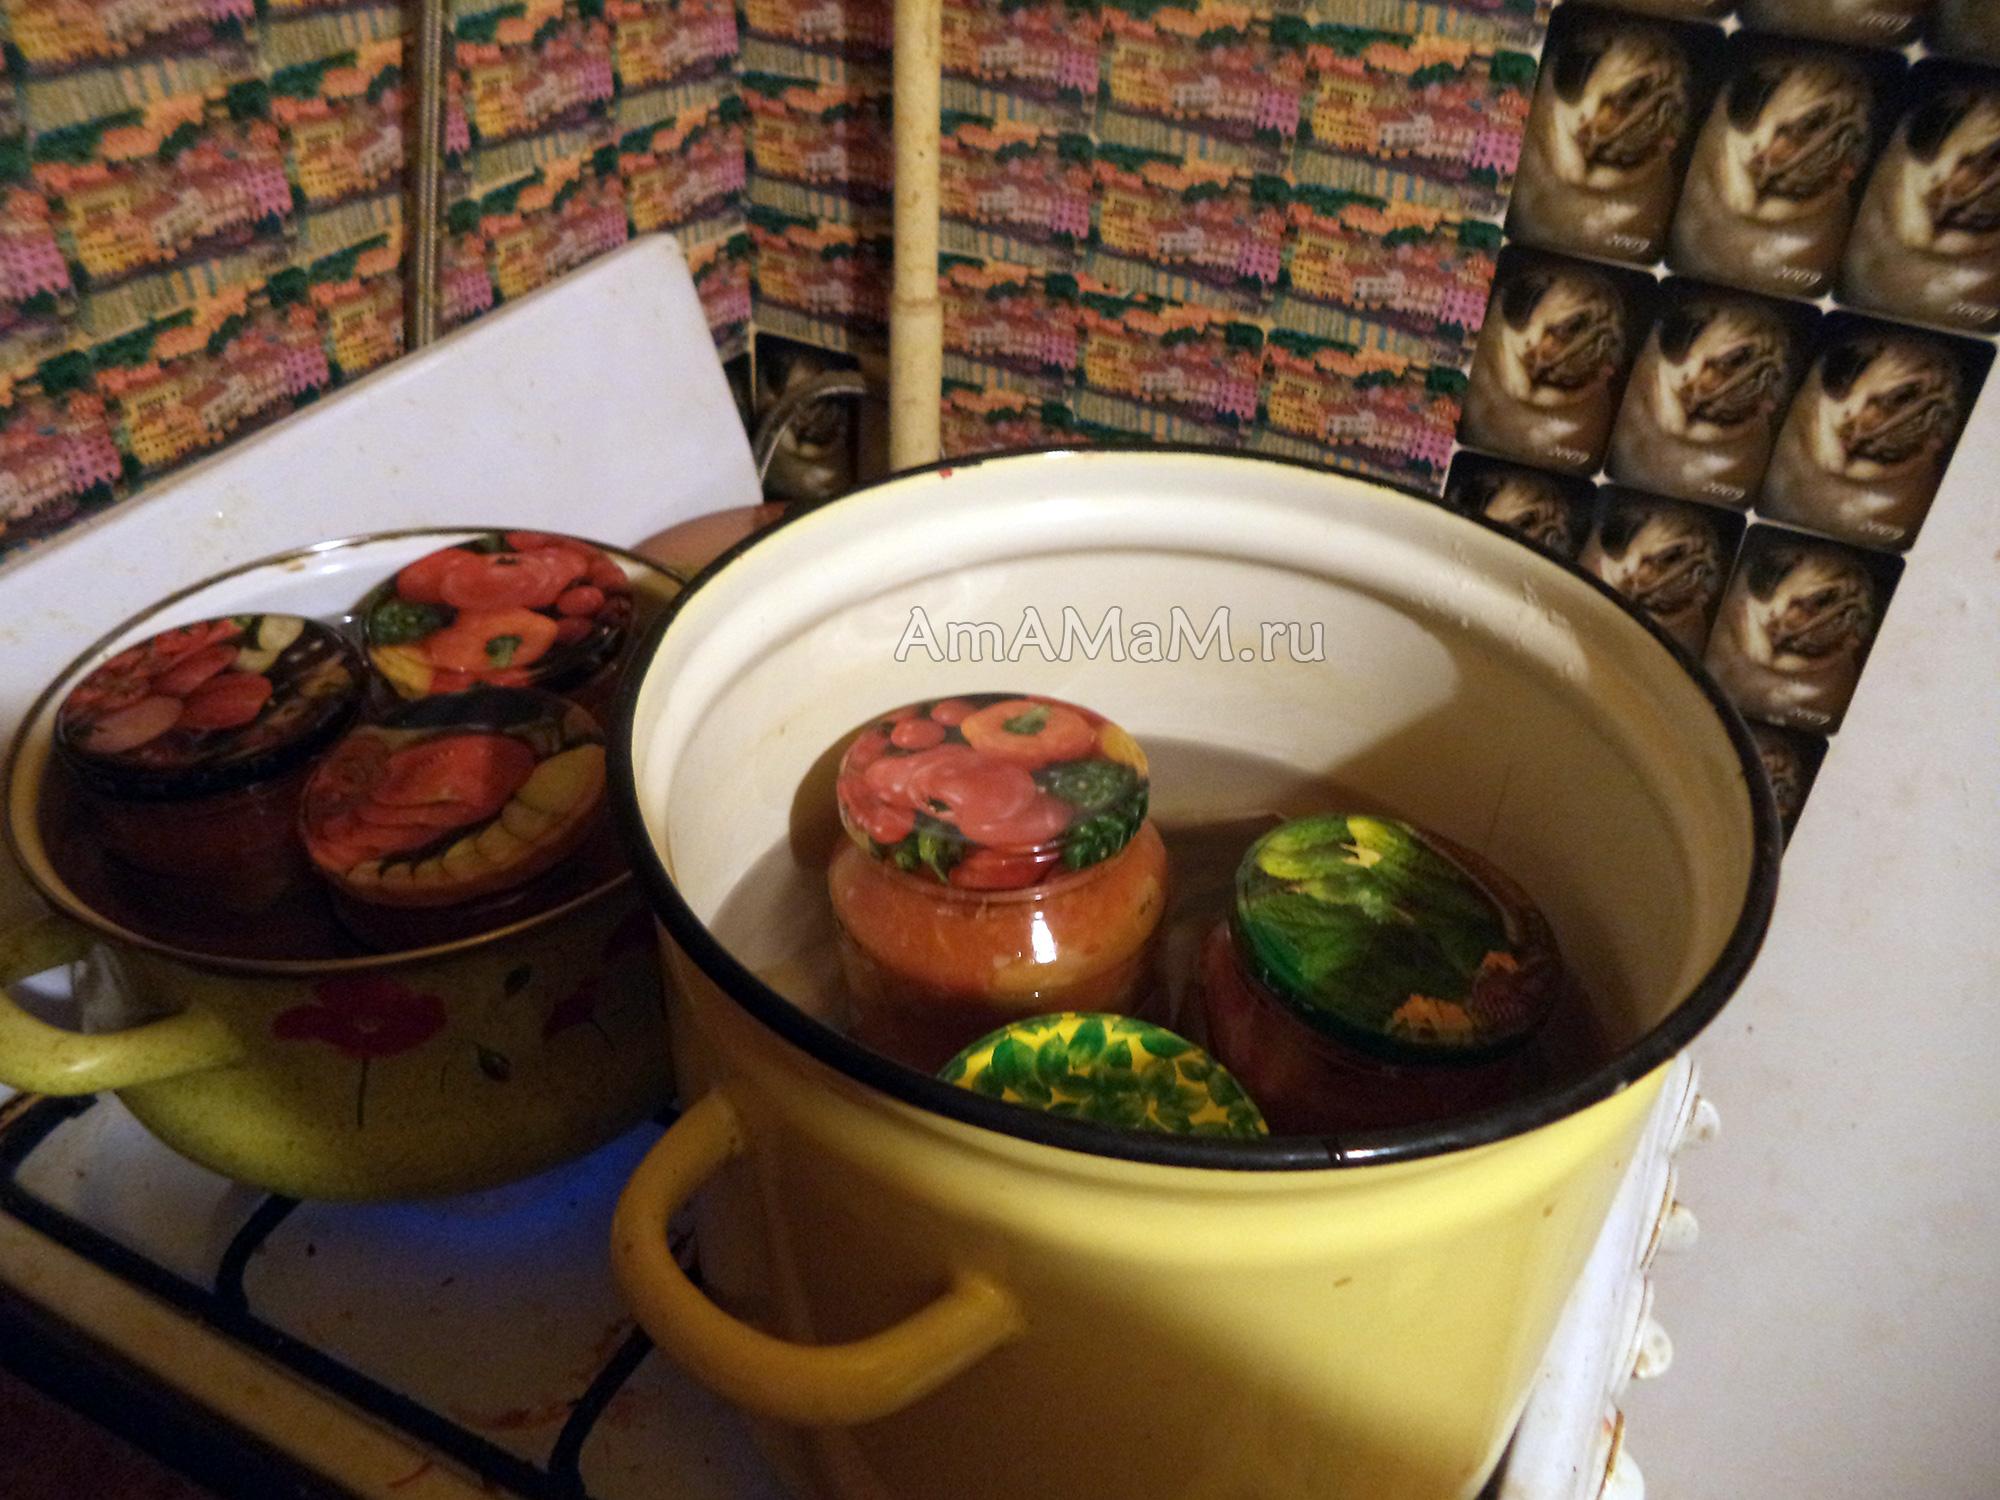 рецепты консервирования кабачков и салатов из кабачков